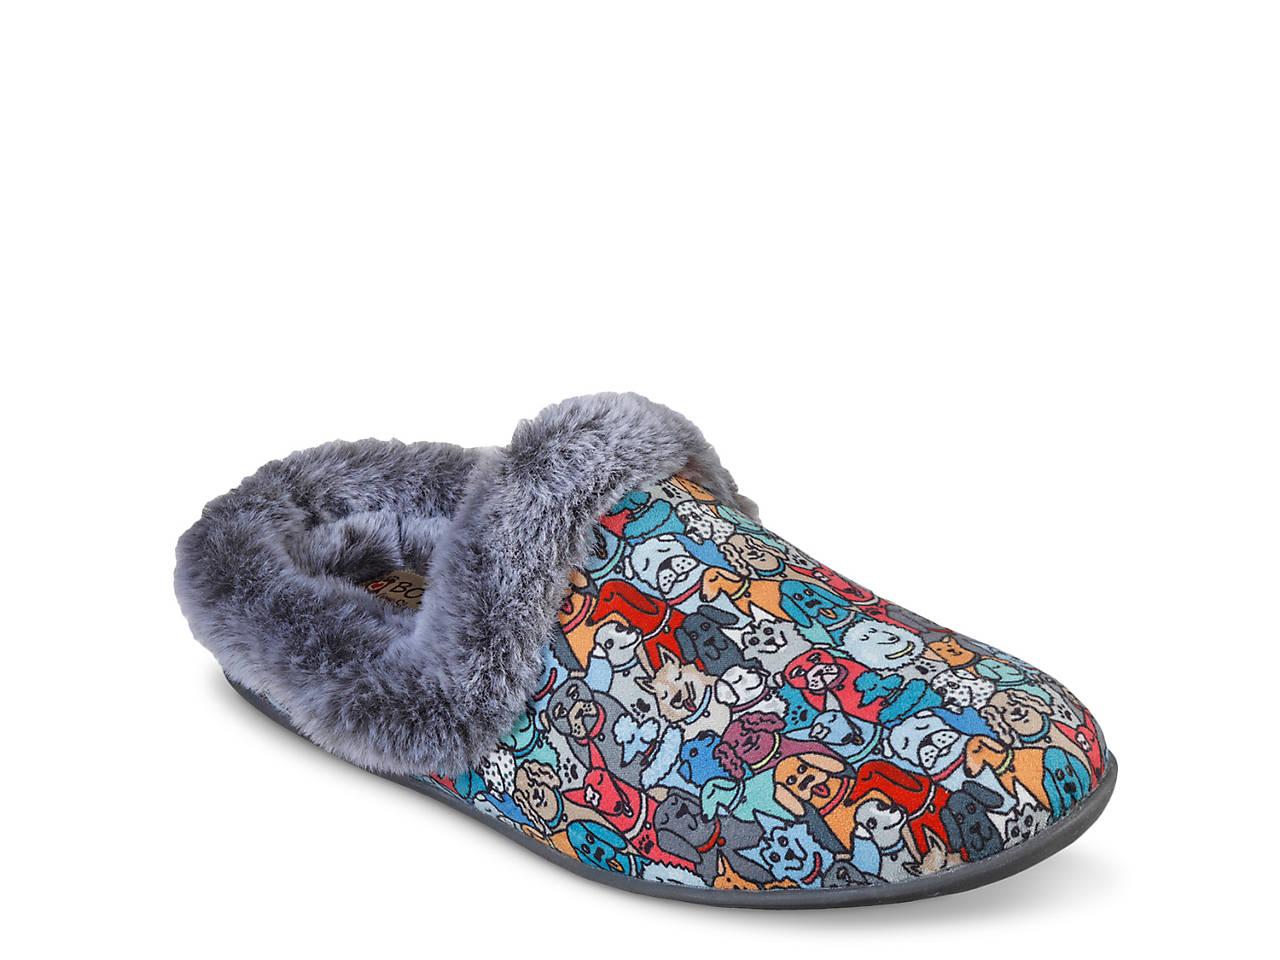 skechers slippers near me